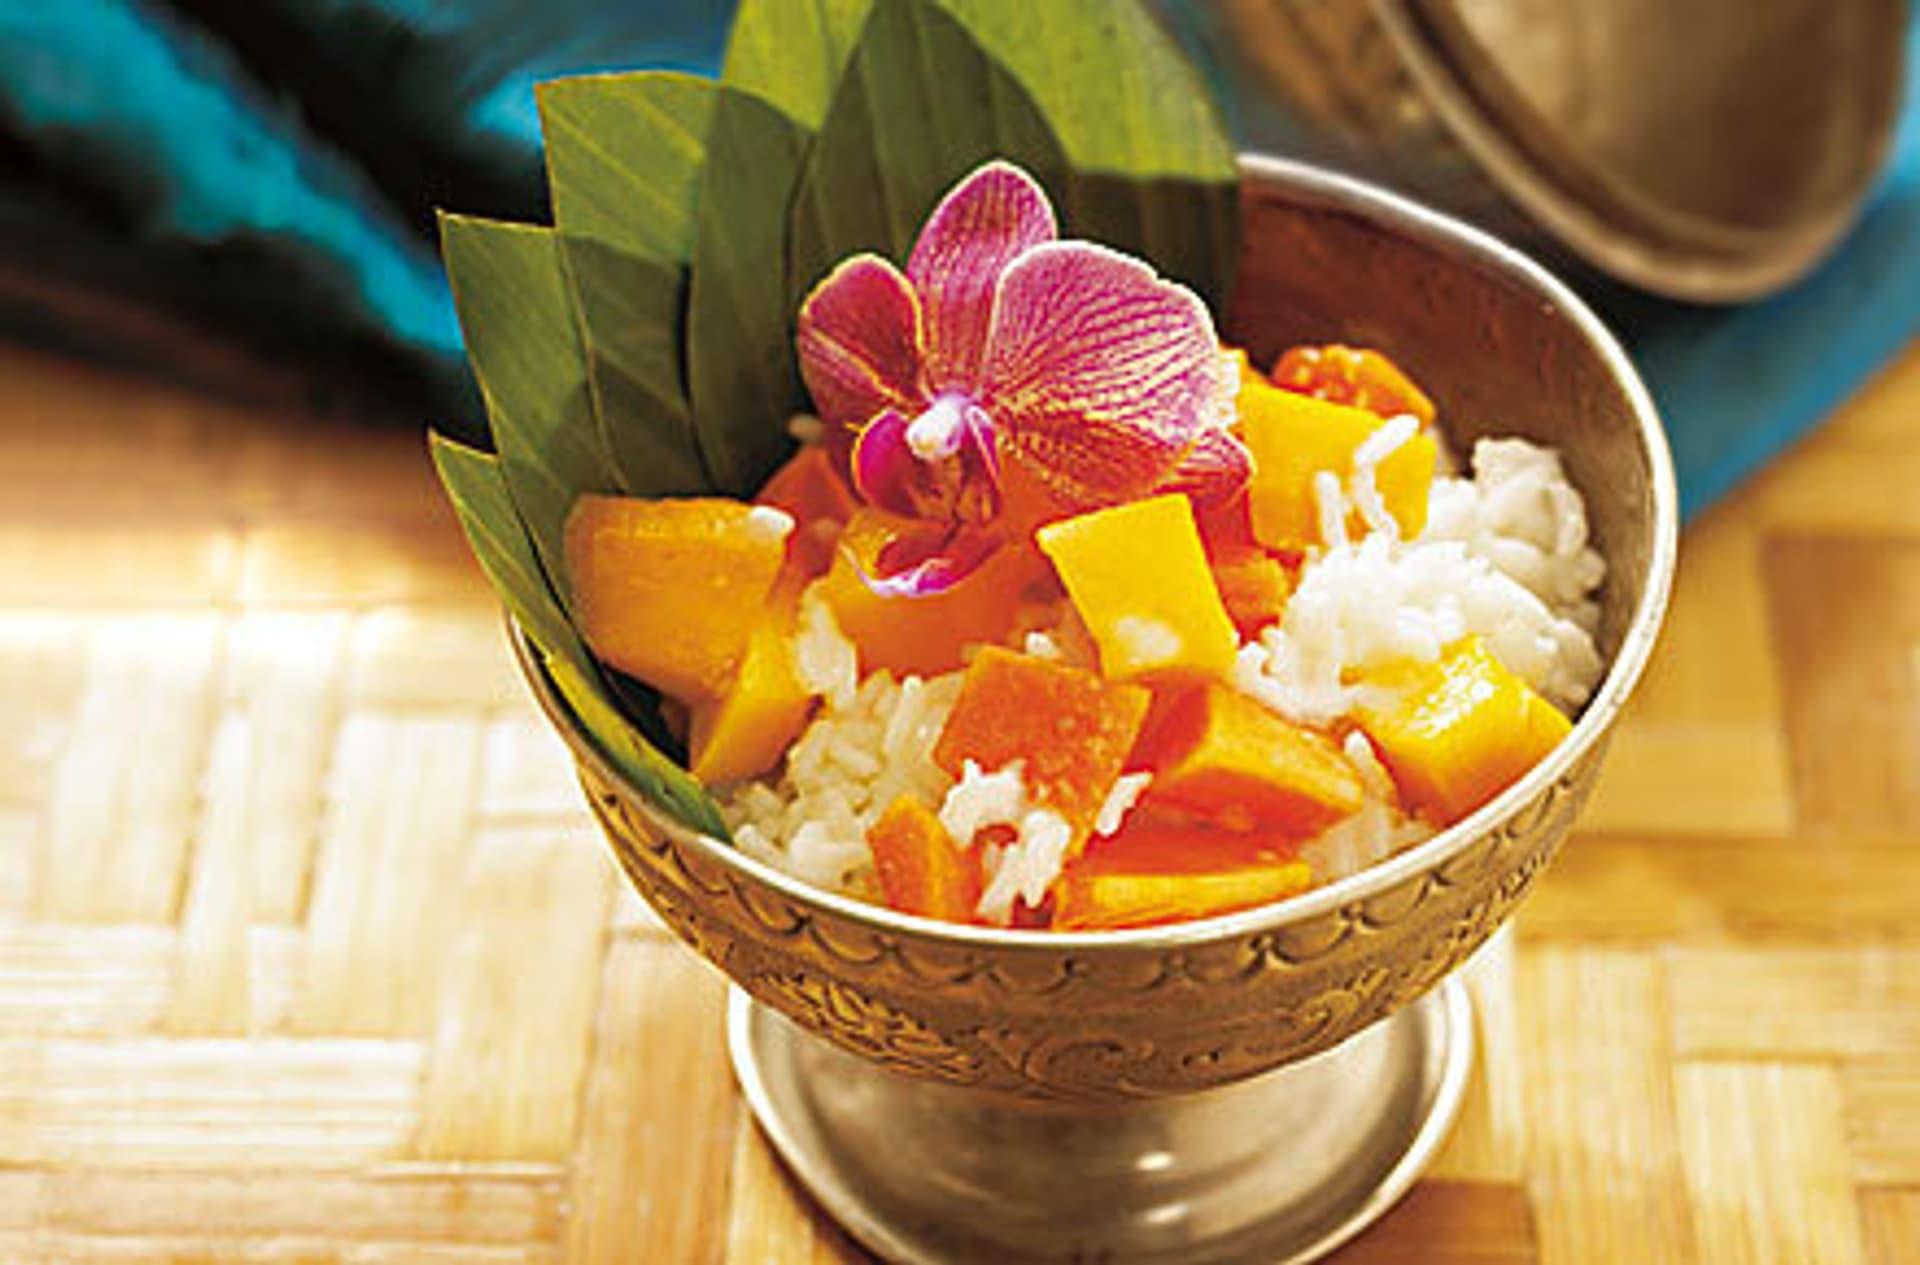 Suesser reis mit fruchtsalat